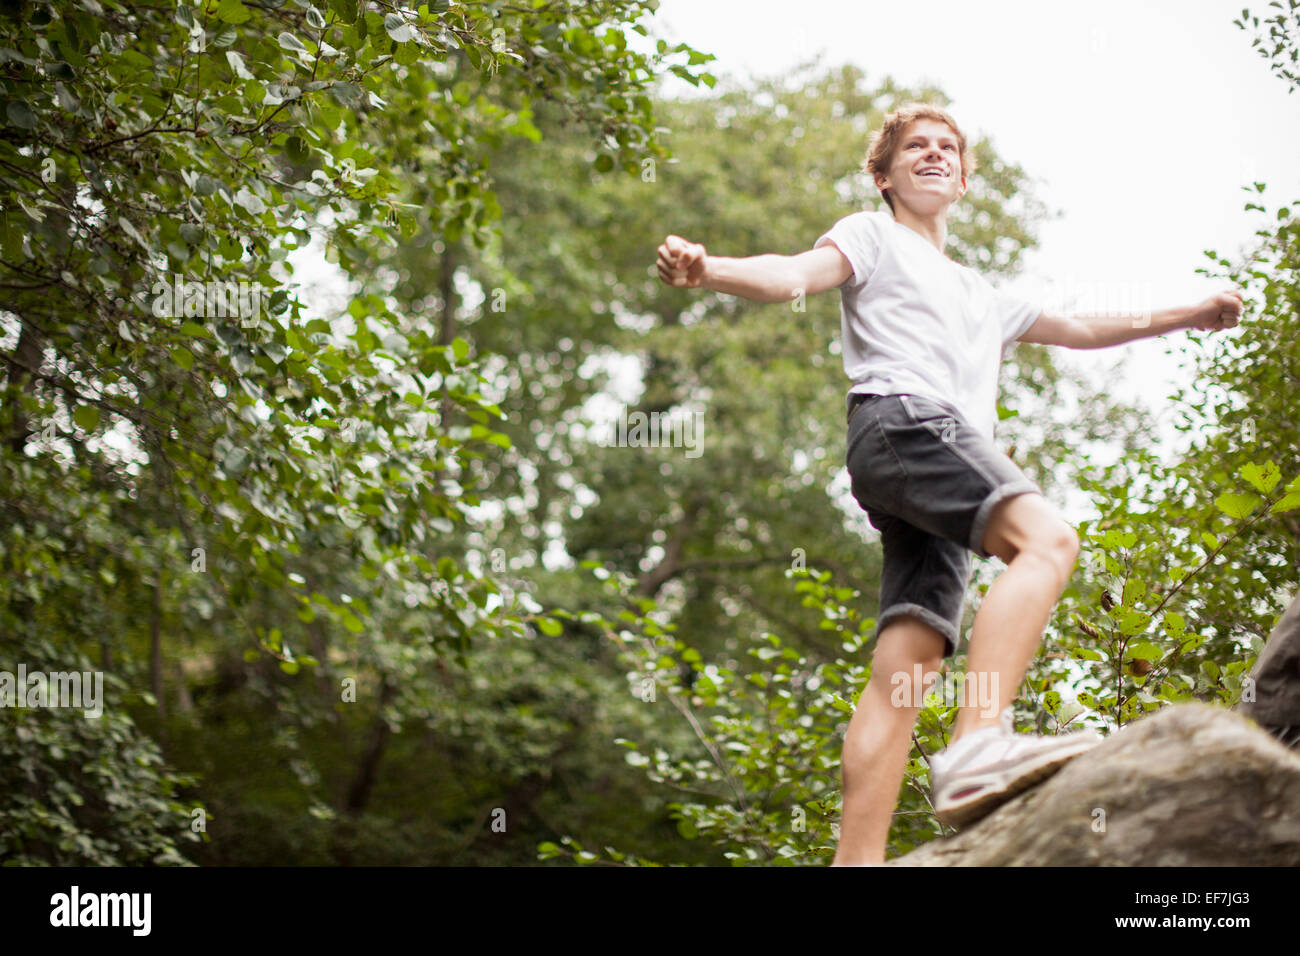 Adolescente jugando en un parque Imagen De Stock